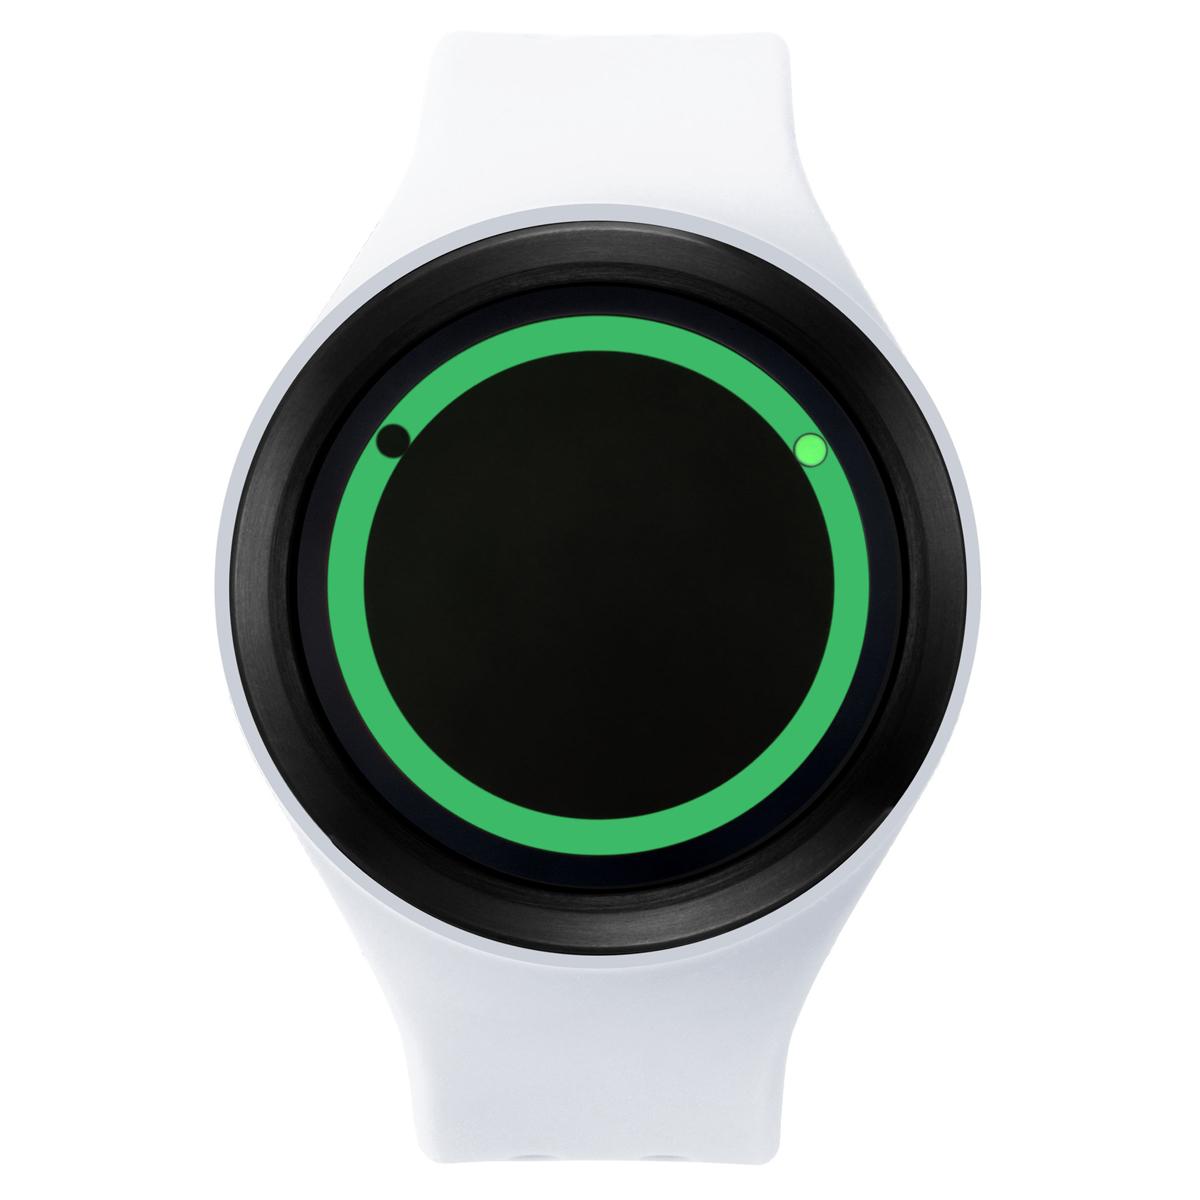 ZEROO PLANET ECLIPSE ゼロ 電池式クォーツ 腕時計 [W00902B03SR01] ホワイト デザインウォッチ ペア用 メンズ レディース ユニセックス おしゃれ時計 デザイナーズ